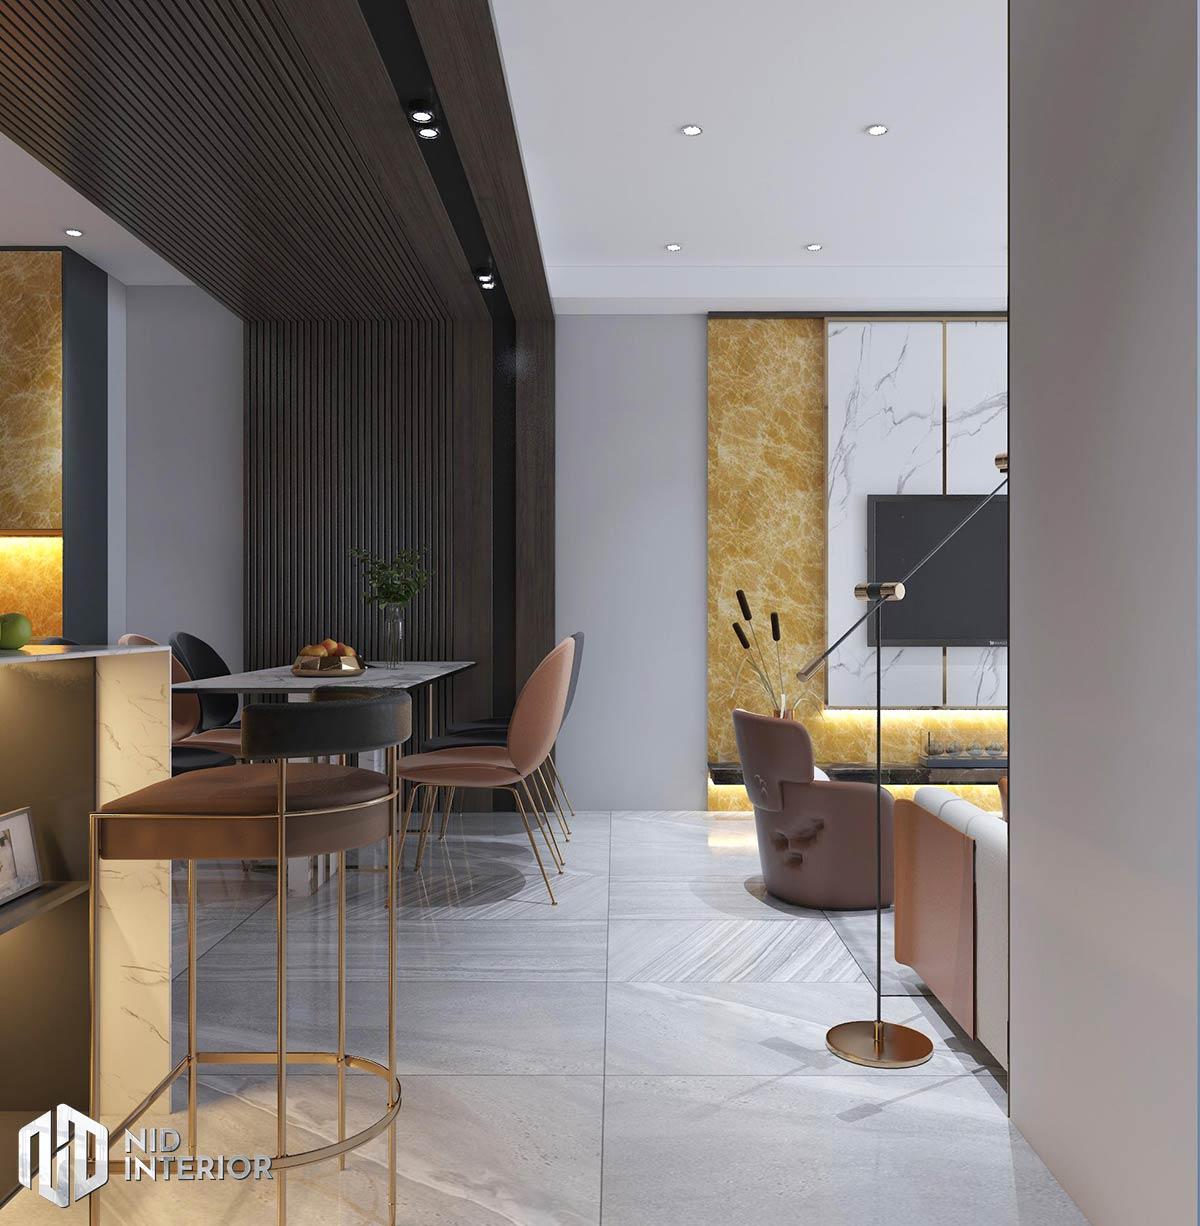 Thiết kế nội thất căn hộ The Grande Midtown - Bàn ăn